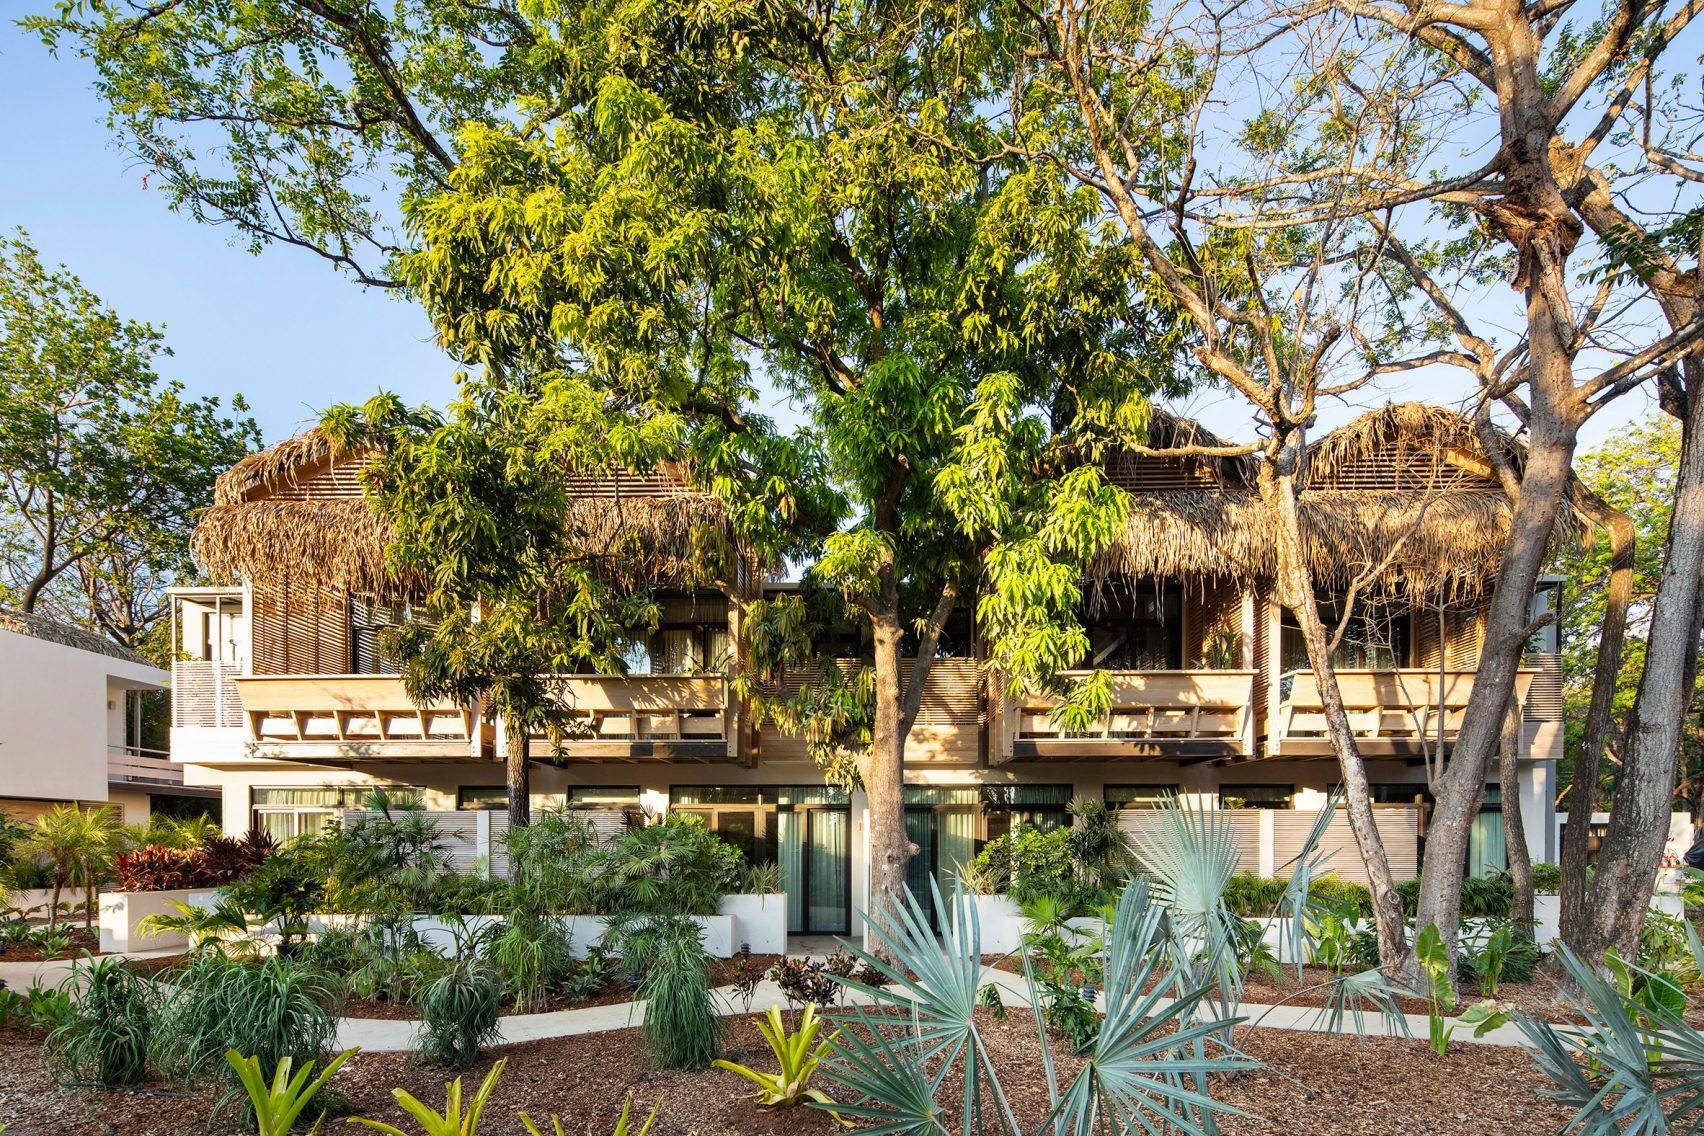 Thiết kế sân vườn Resort 1